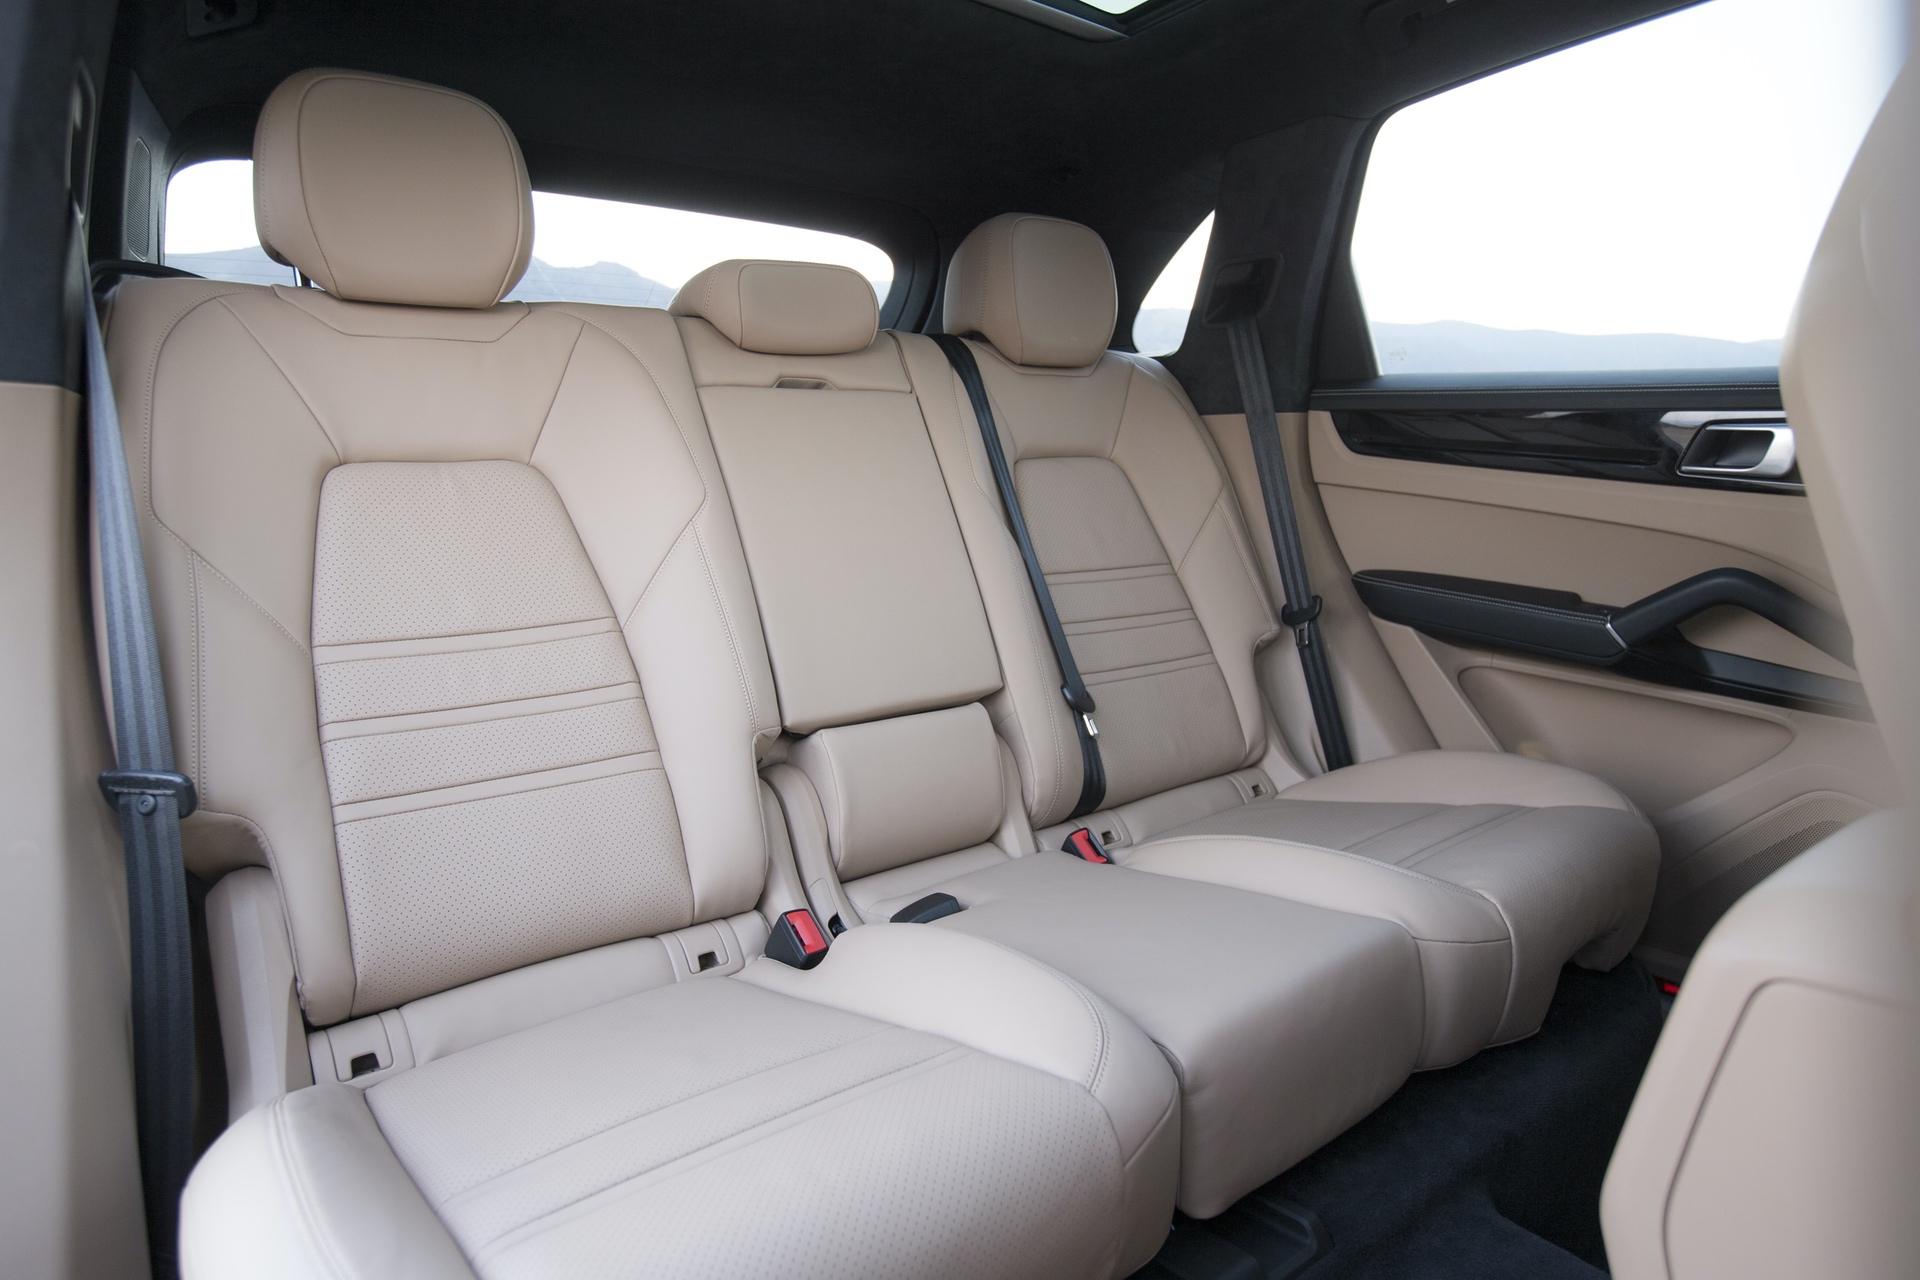 Test_Drive_Porsche_Cayenne_316